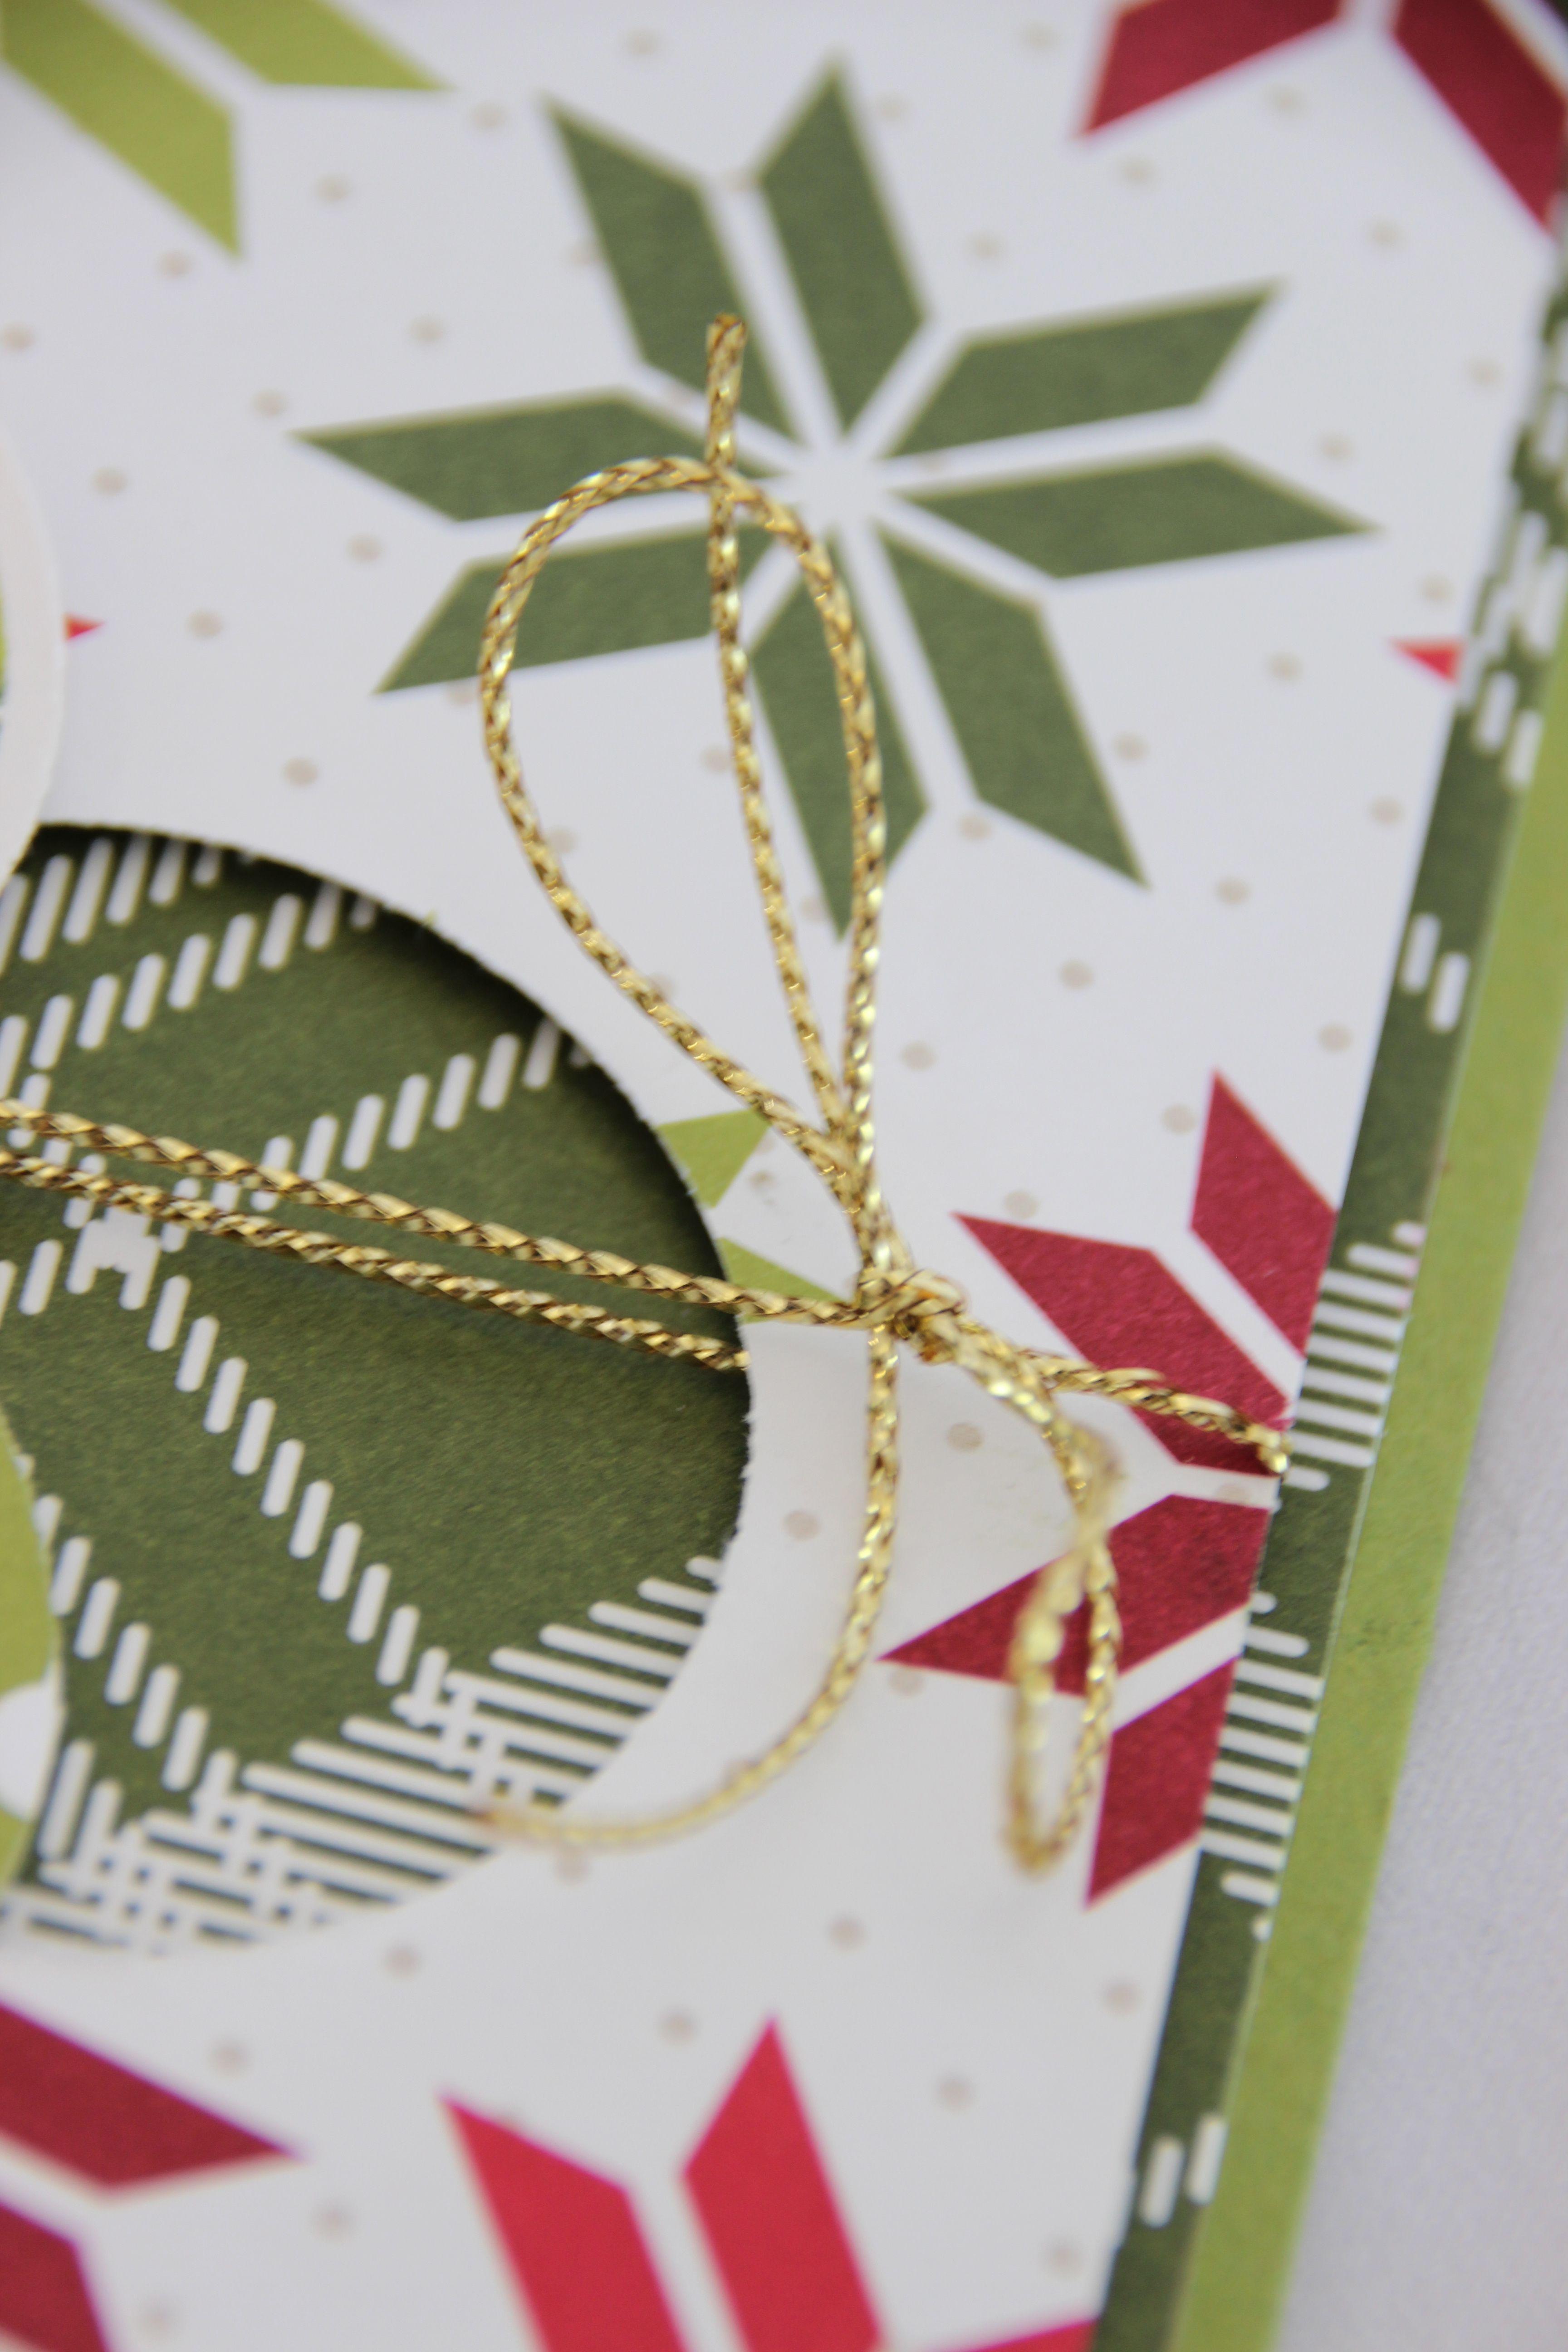 Met de Merry Moments Designer Series Paper zijn kerstkaarten zo gemaakt.  De Gold Cording Trim is de kers op de taart. #kerst #kerstkaart #Stampinup #DIY